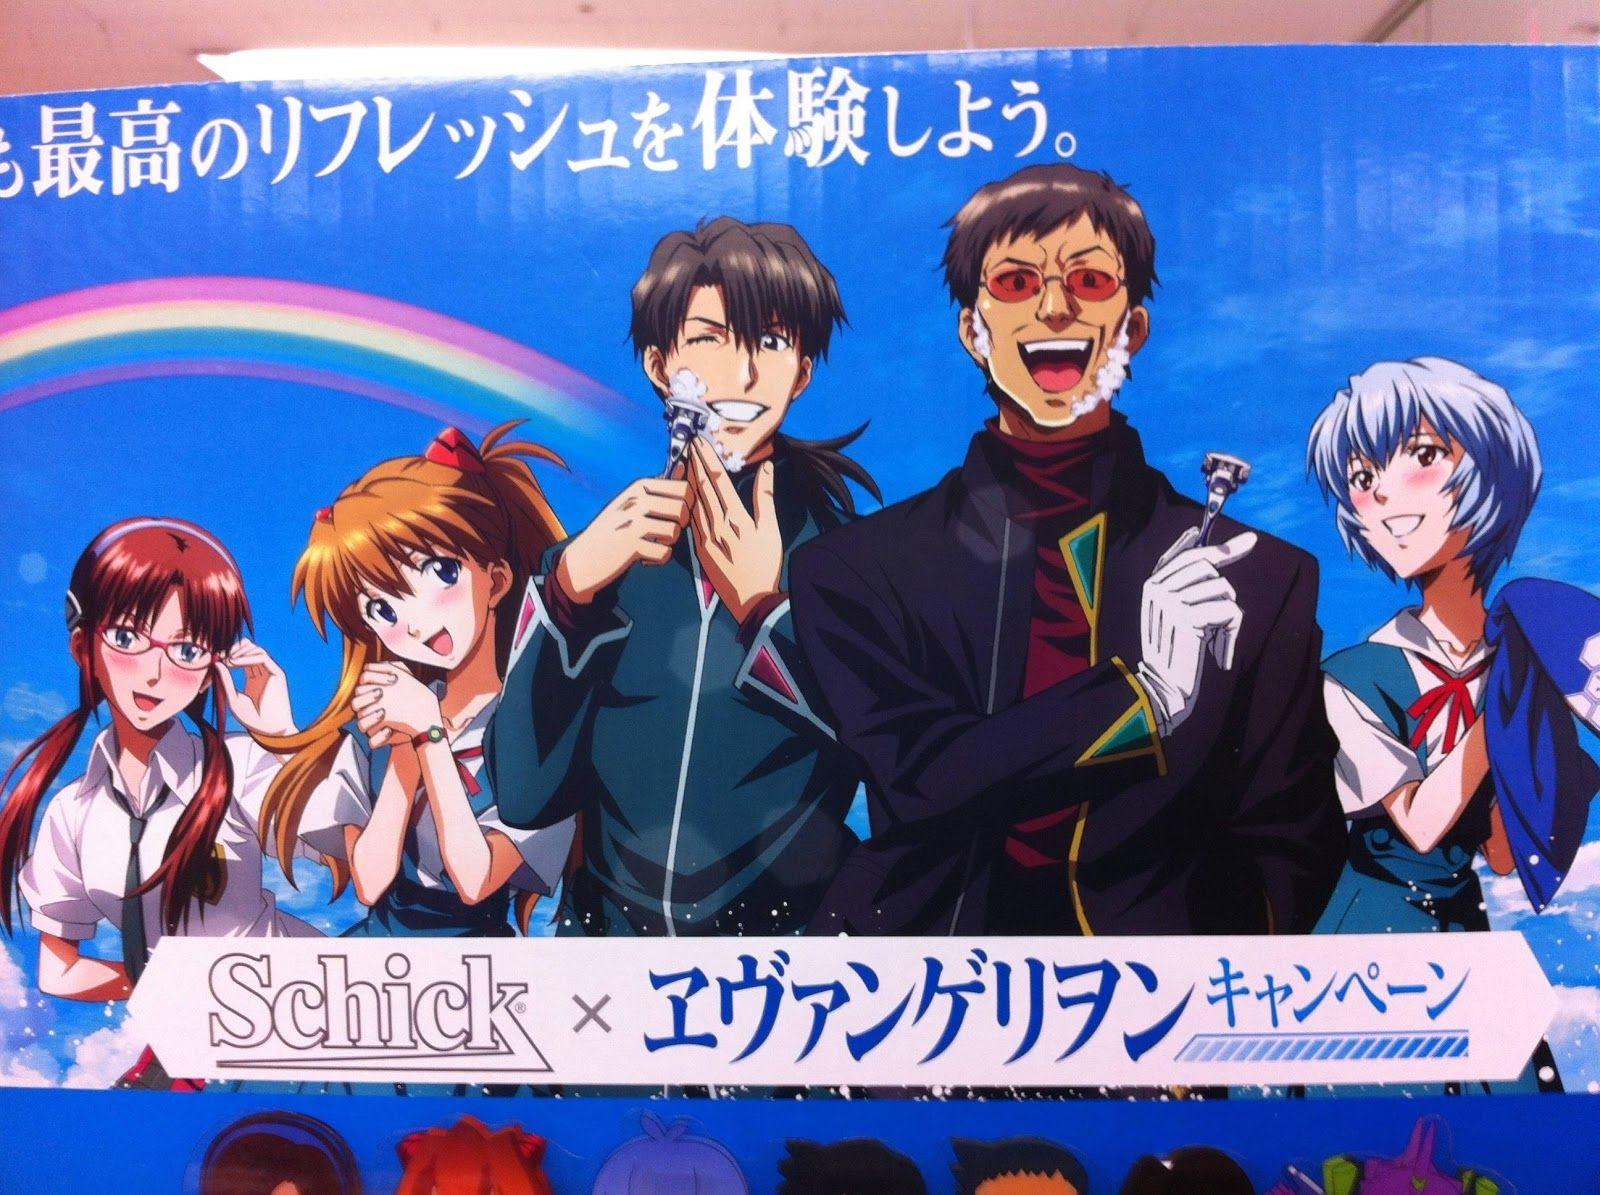 どこで買えるんだよ 日本の髭剃りに海外アニメファンが熱狂 アニメファン 髭 アニメ